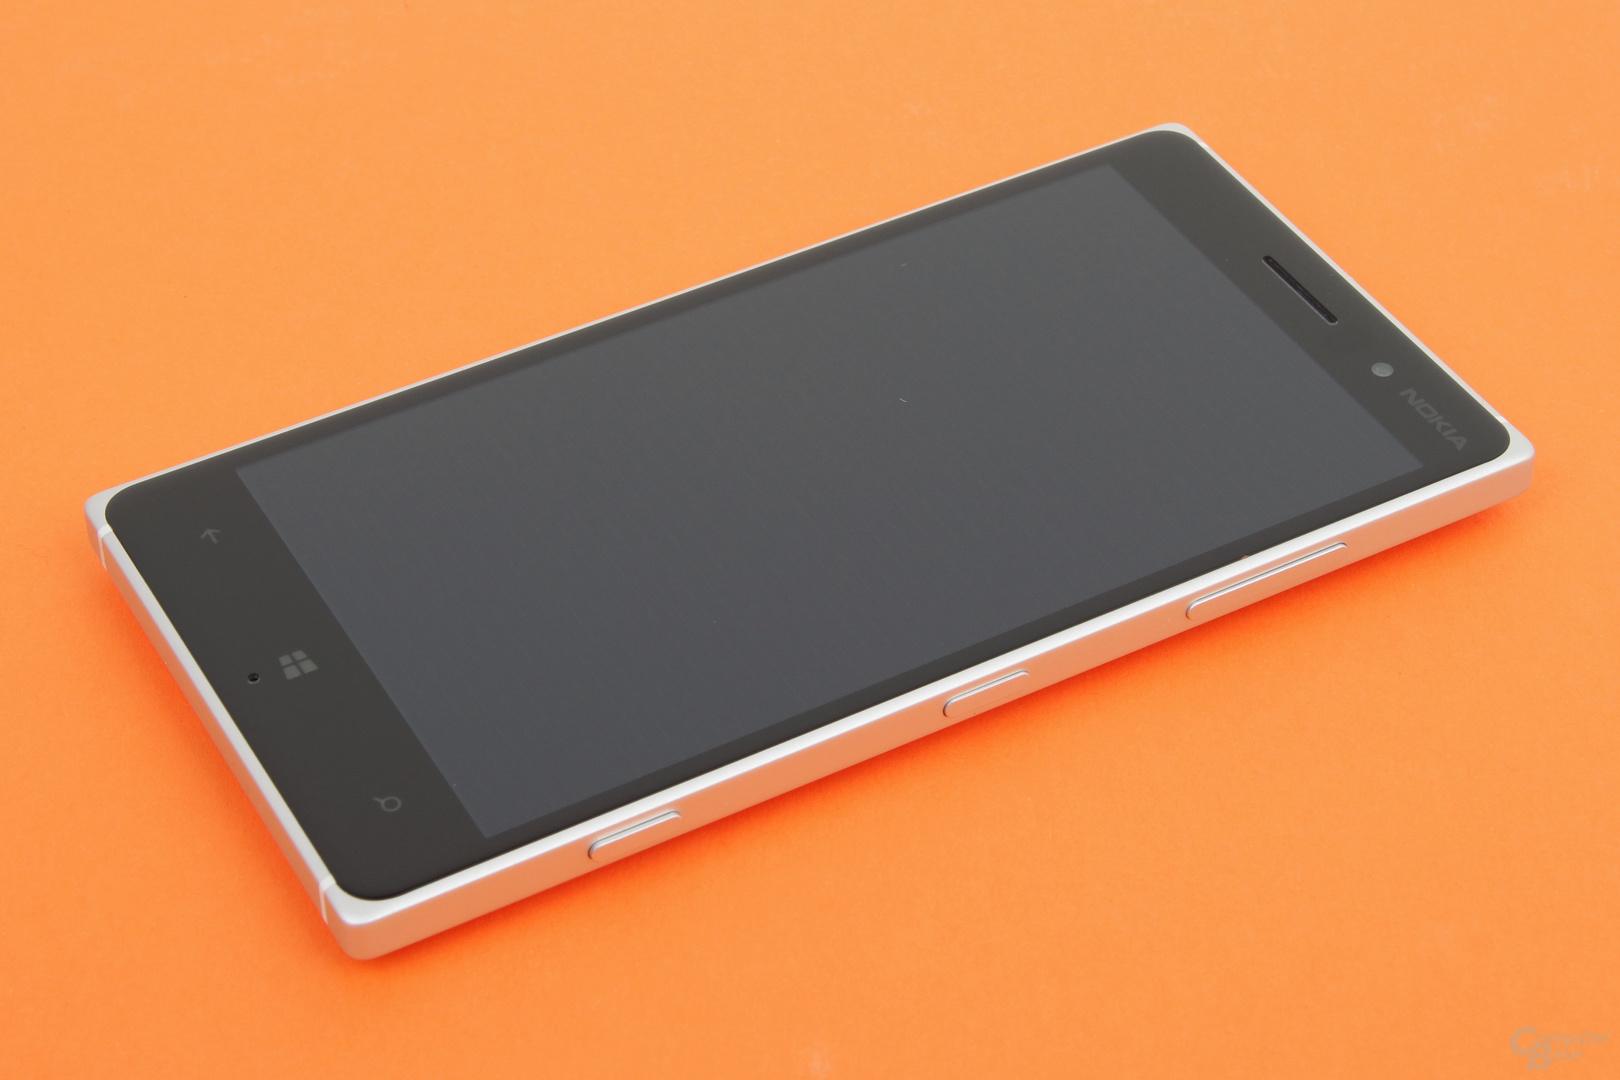 Das Nokia Lumia 830 unterstützt Glance Screen